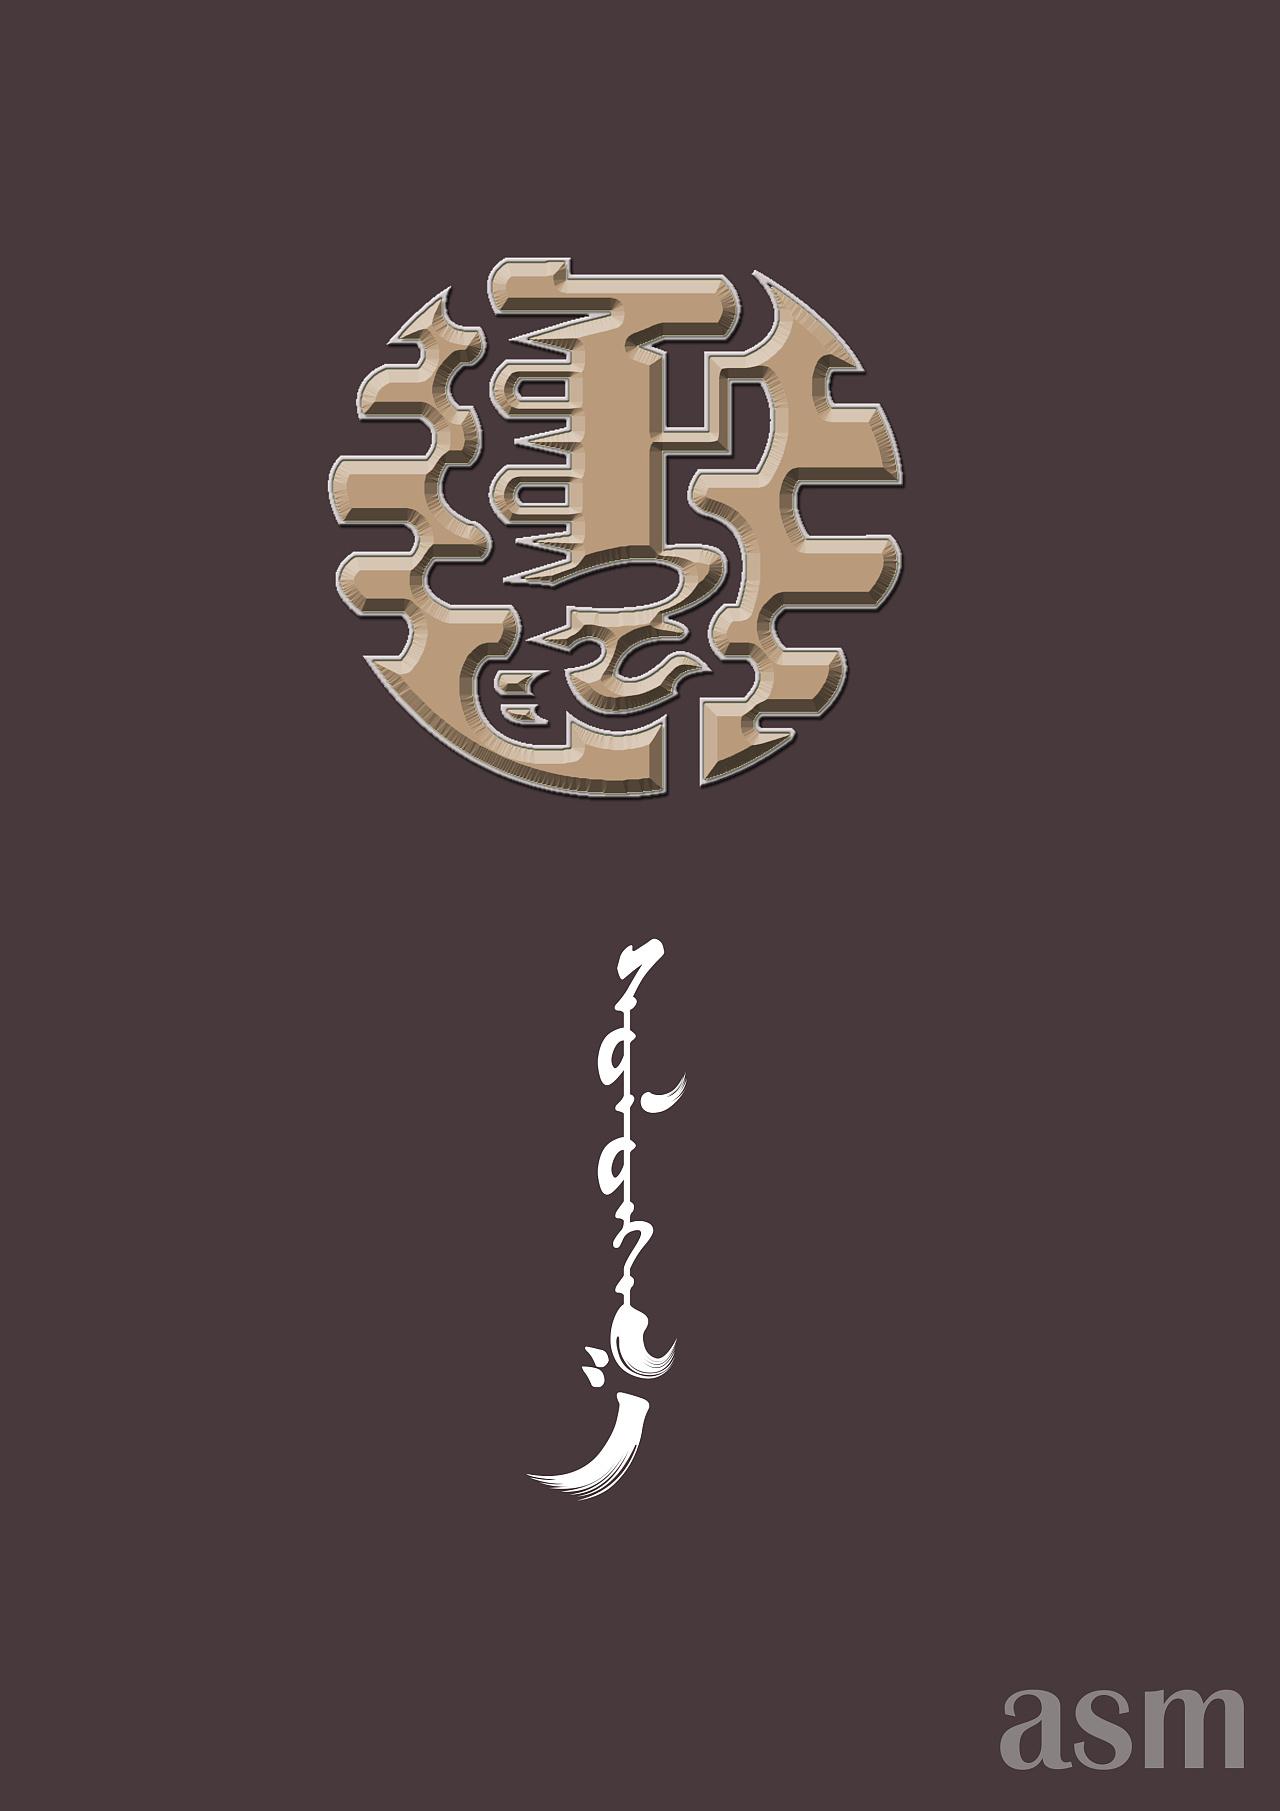 蒙古艺术文字2 -阿斯玛设计 第2张